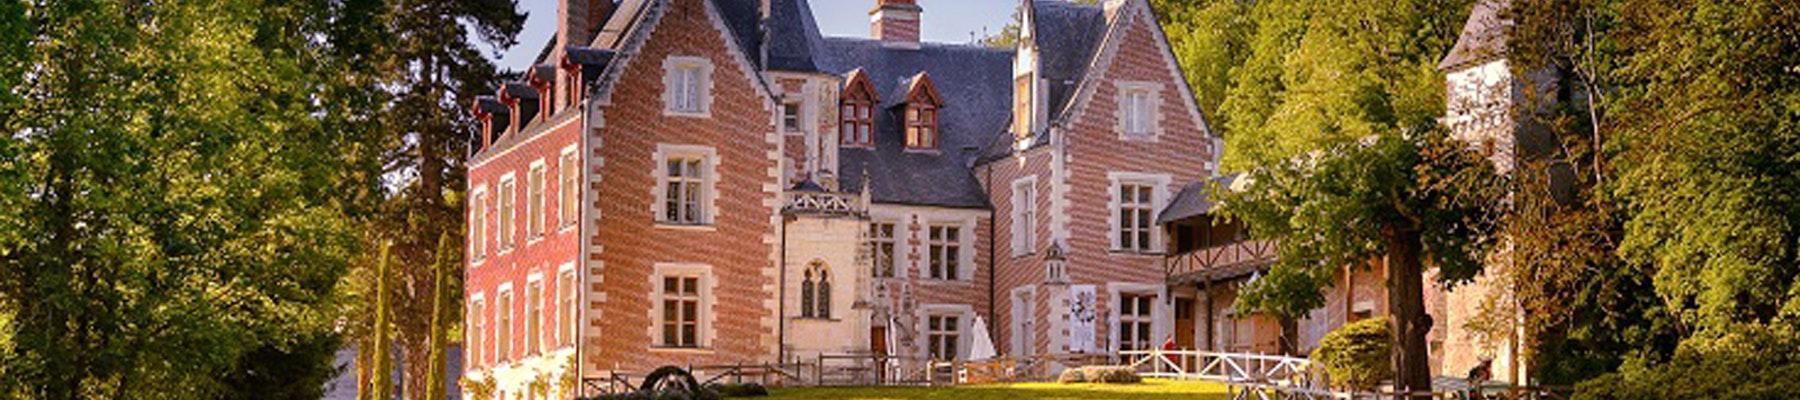 Clos Lucé Castle